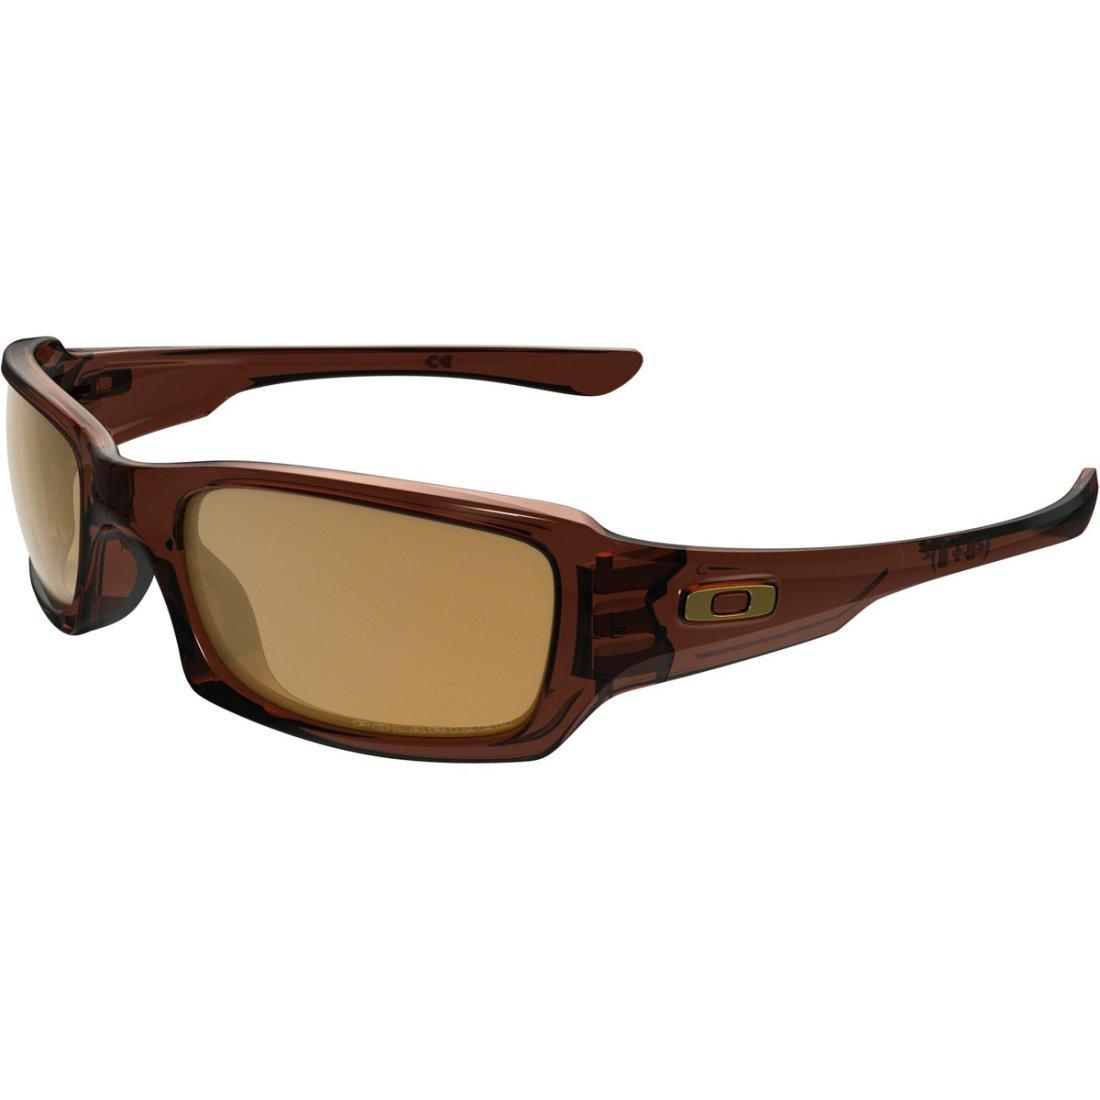 Oakley Fives Squared Lunette de soleil Rootbeer Taille Unique m9jk3EQ2mO